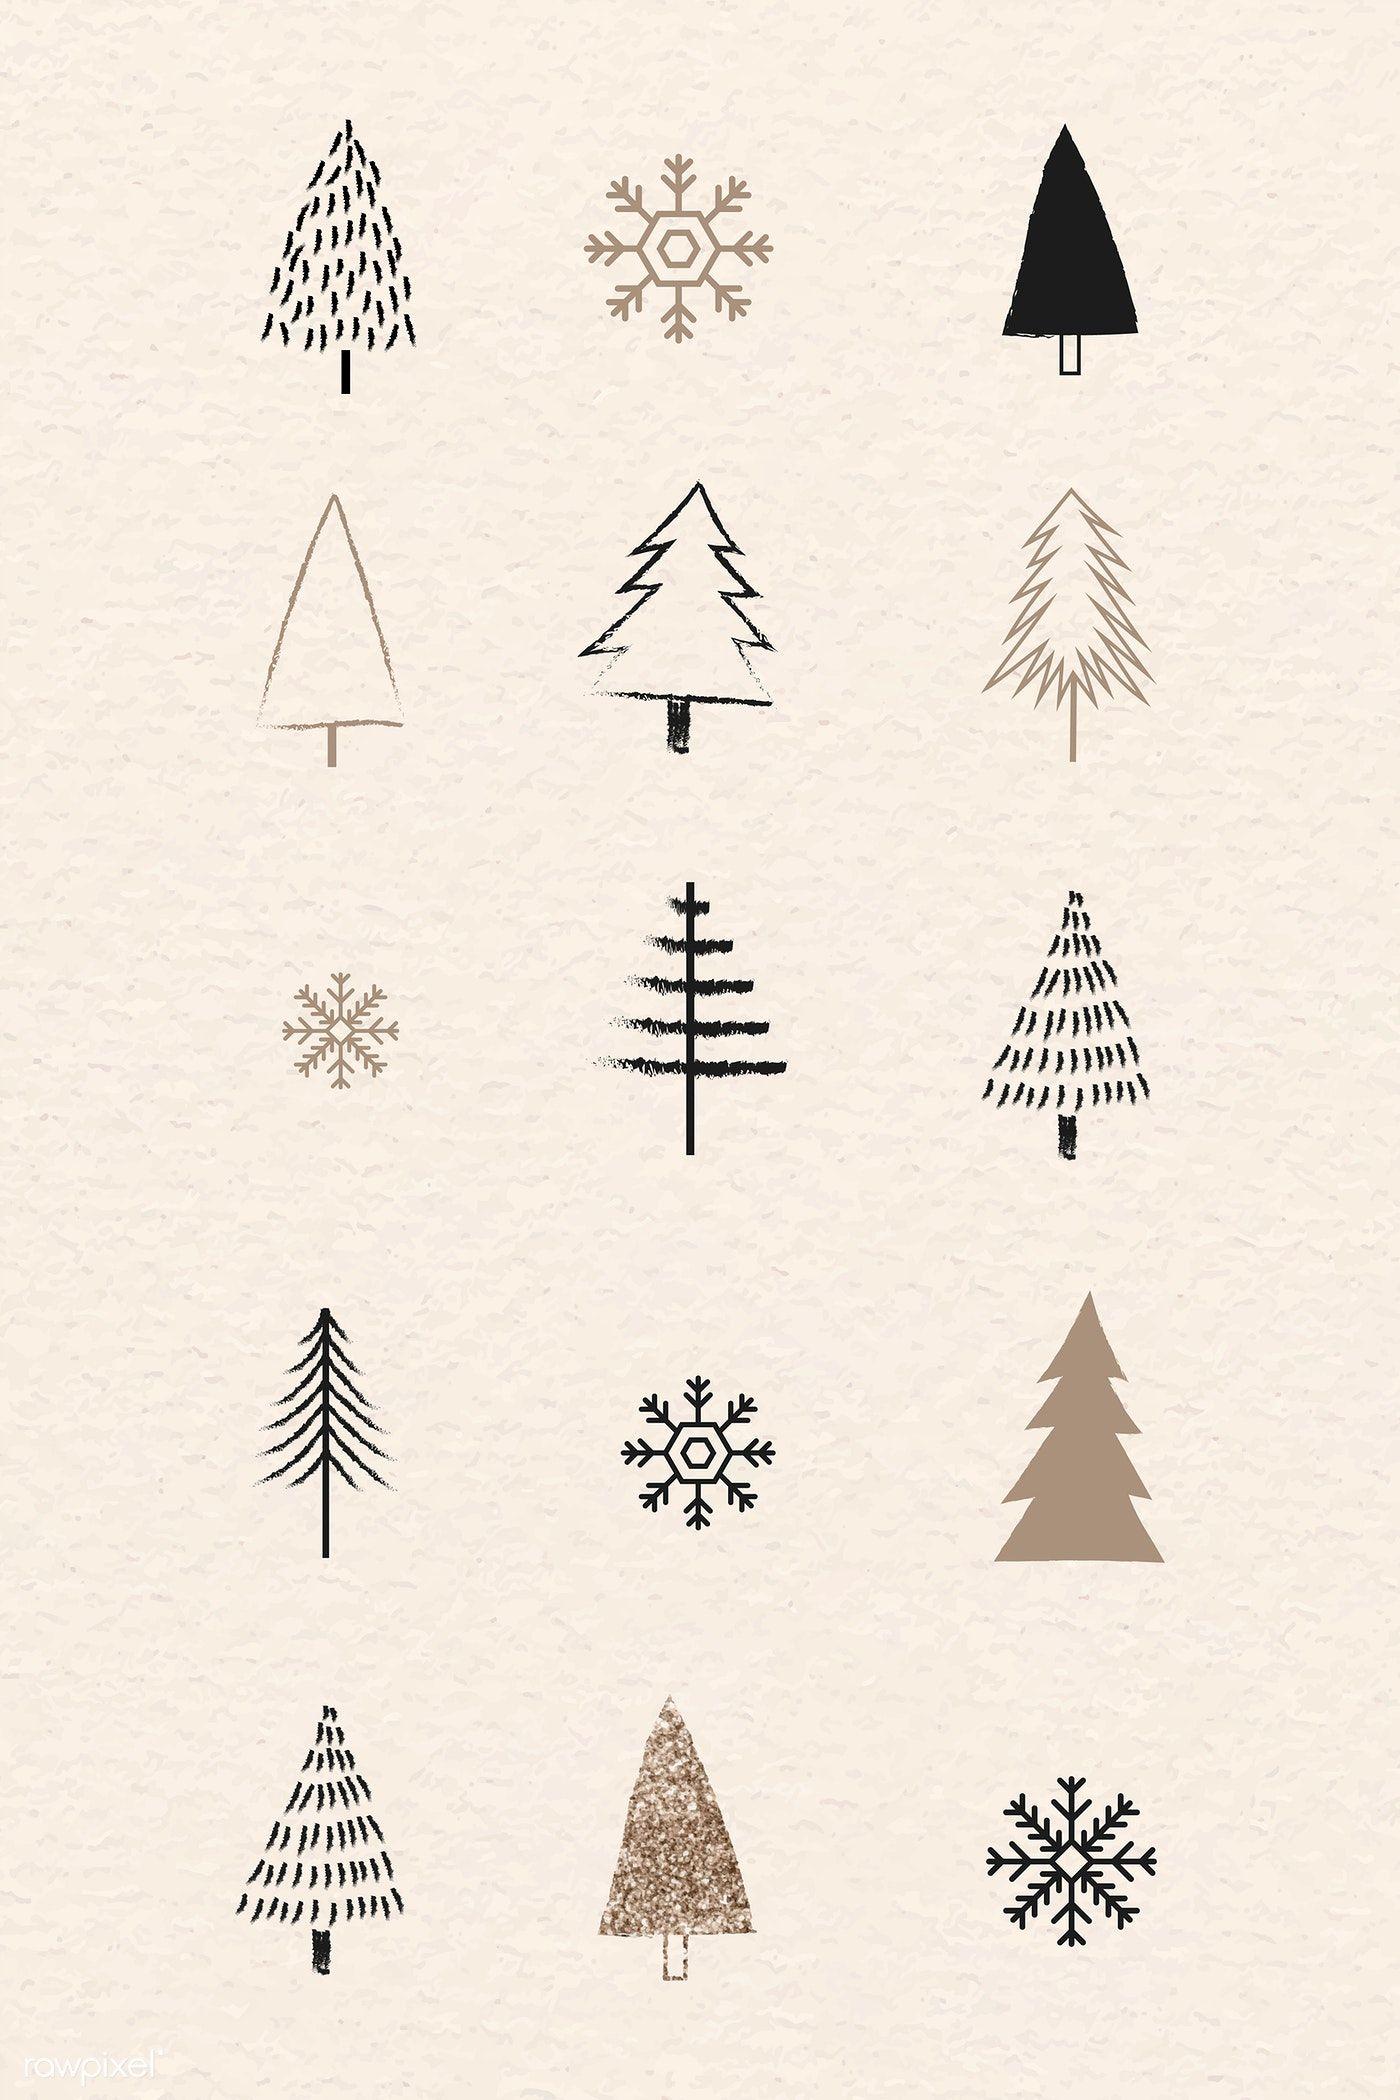 Download premium vector of Christmas elements dood